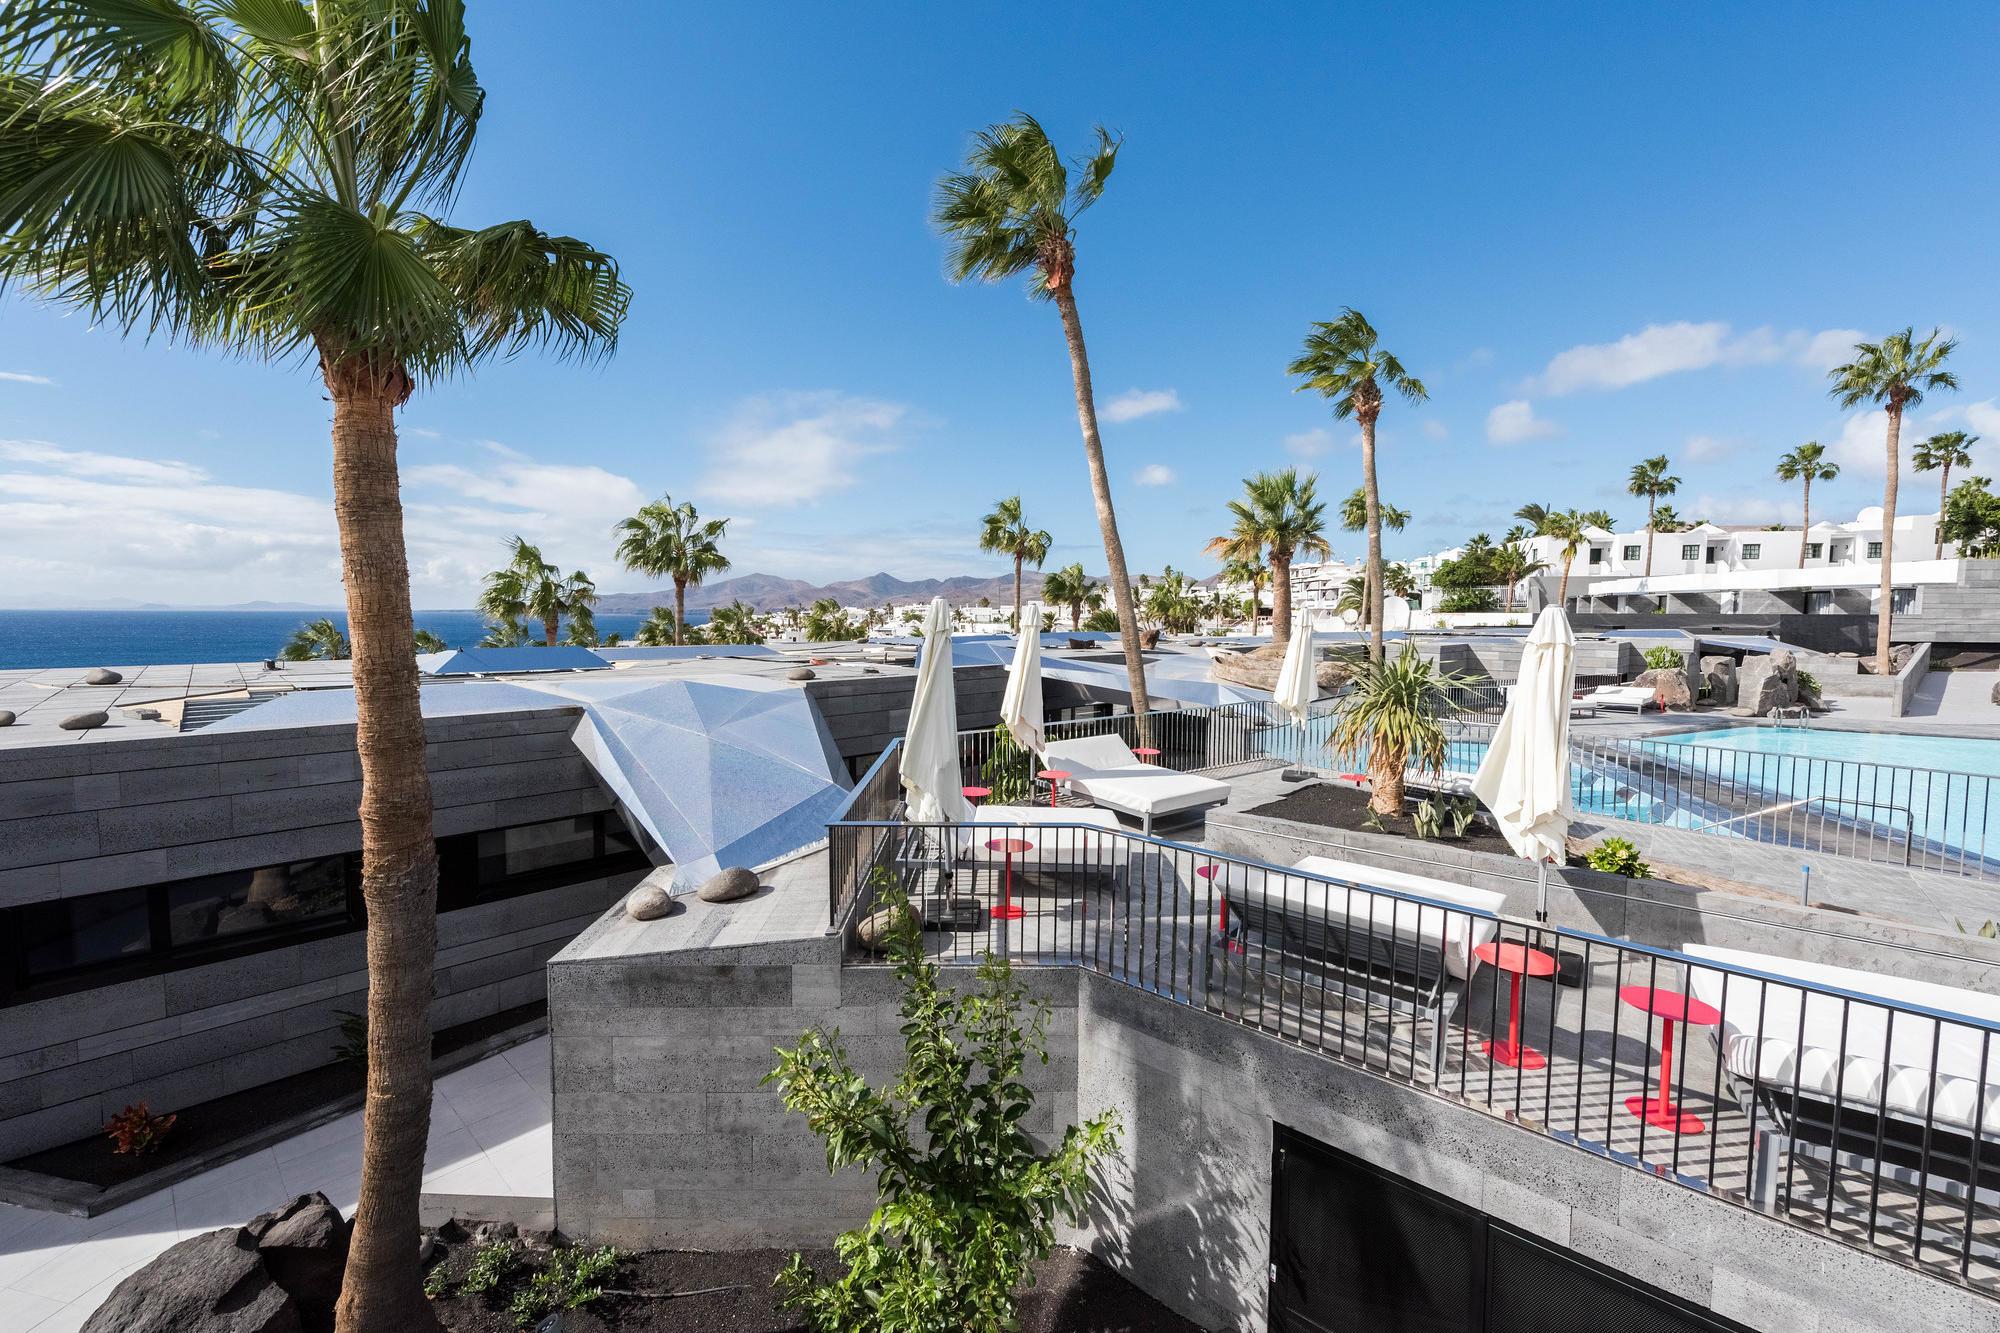 The Pool at La Isla Y El Mar Resort on Lanzarote